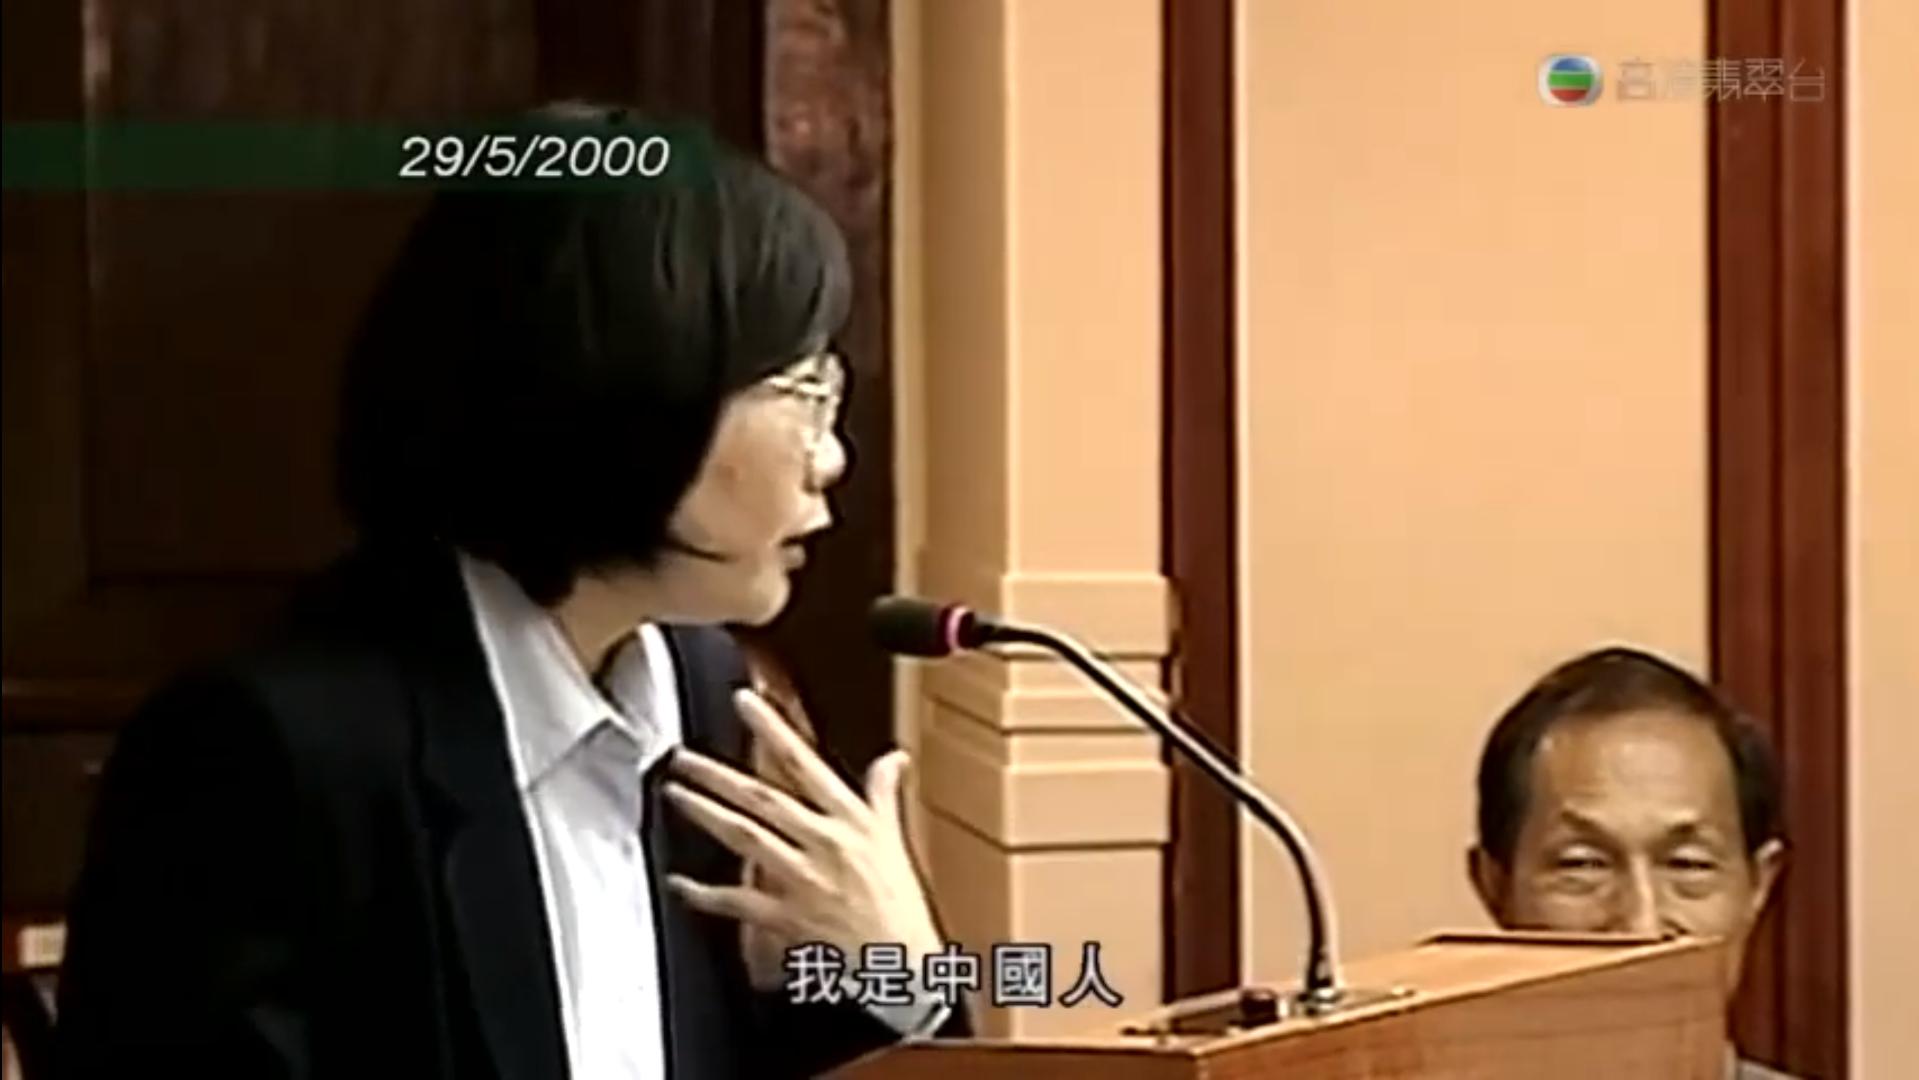 蔡英文質問韓認同「台灣人就是中國人」 韓國瑜拿蔡過去言論嗆:你是 ...